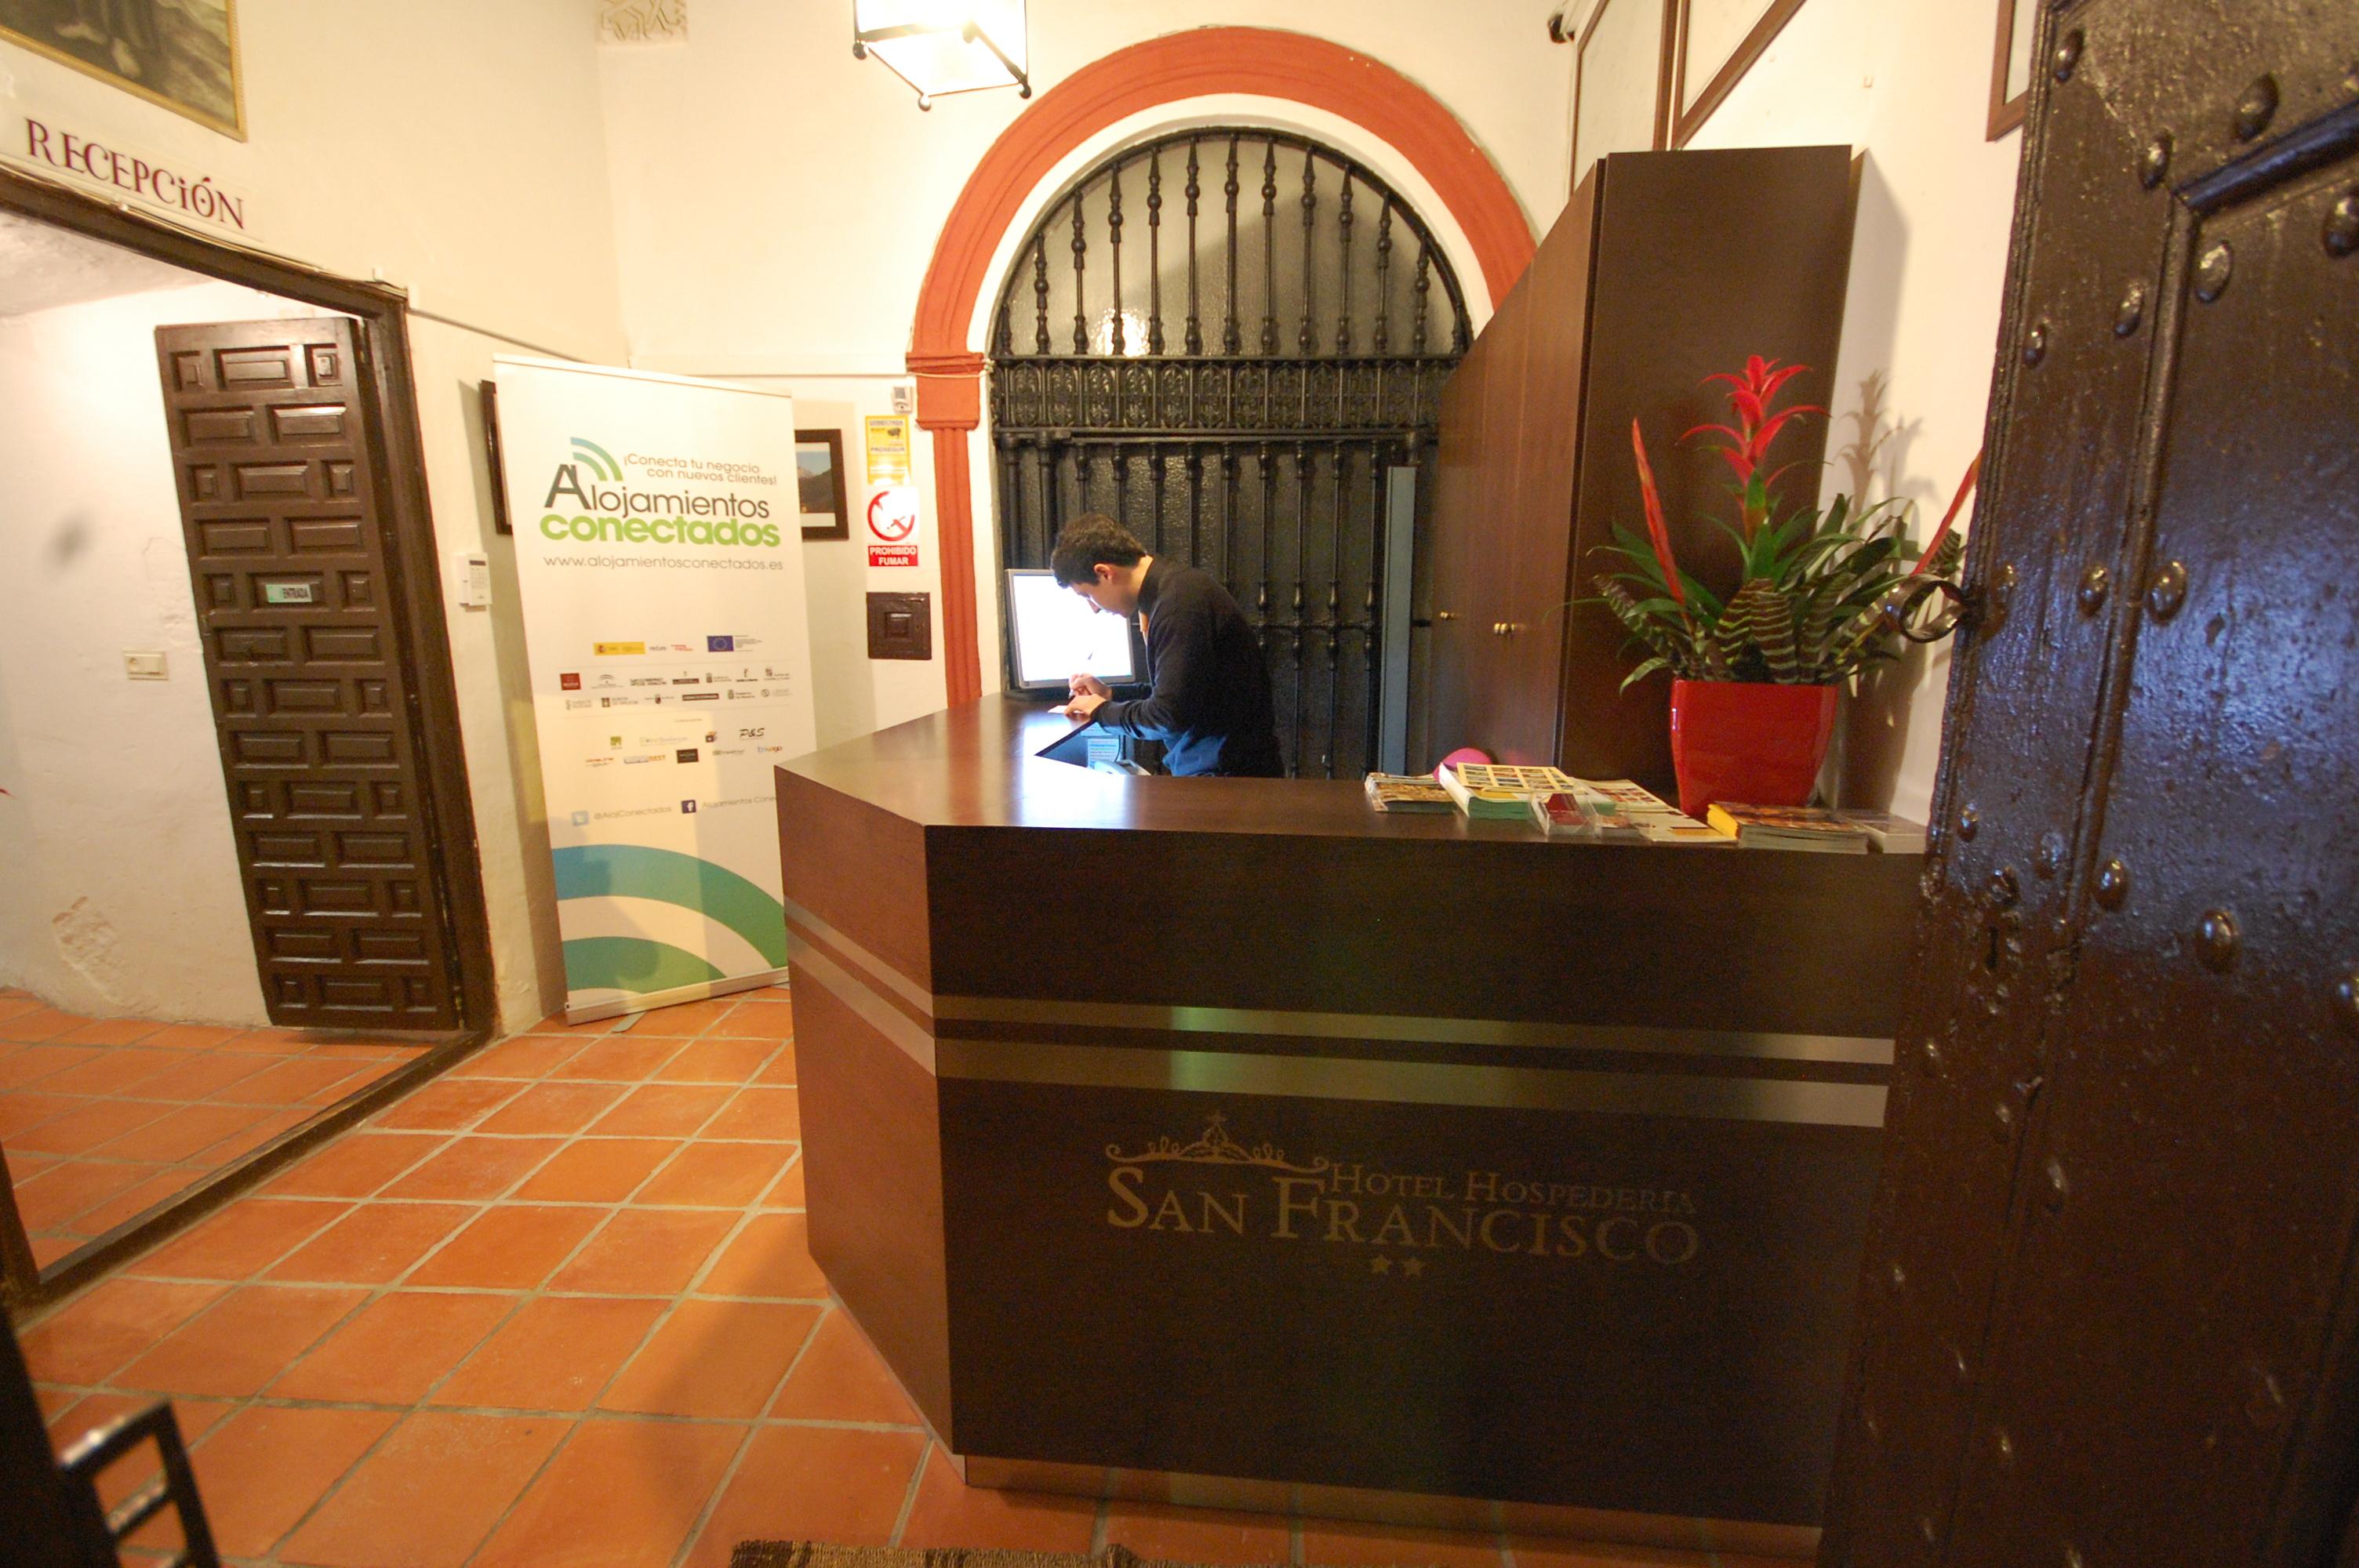 6 hoteles en Priego De Cordoba Hoteles en B the travel brand